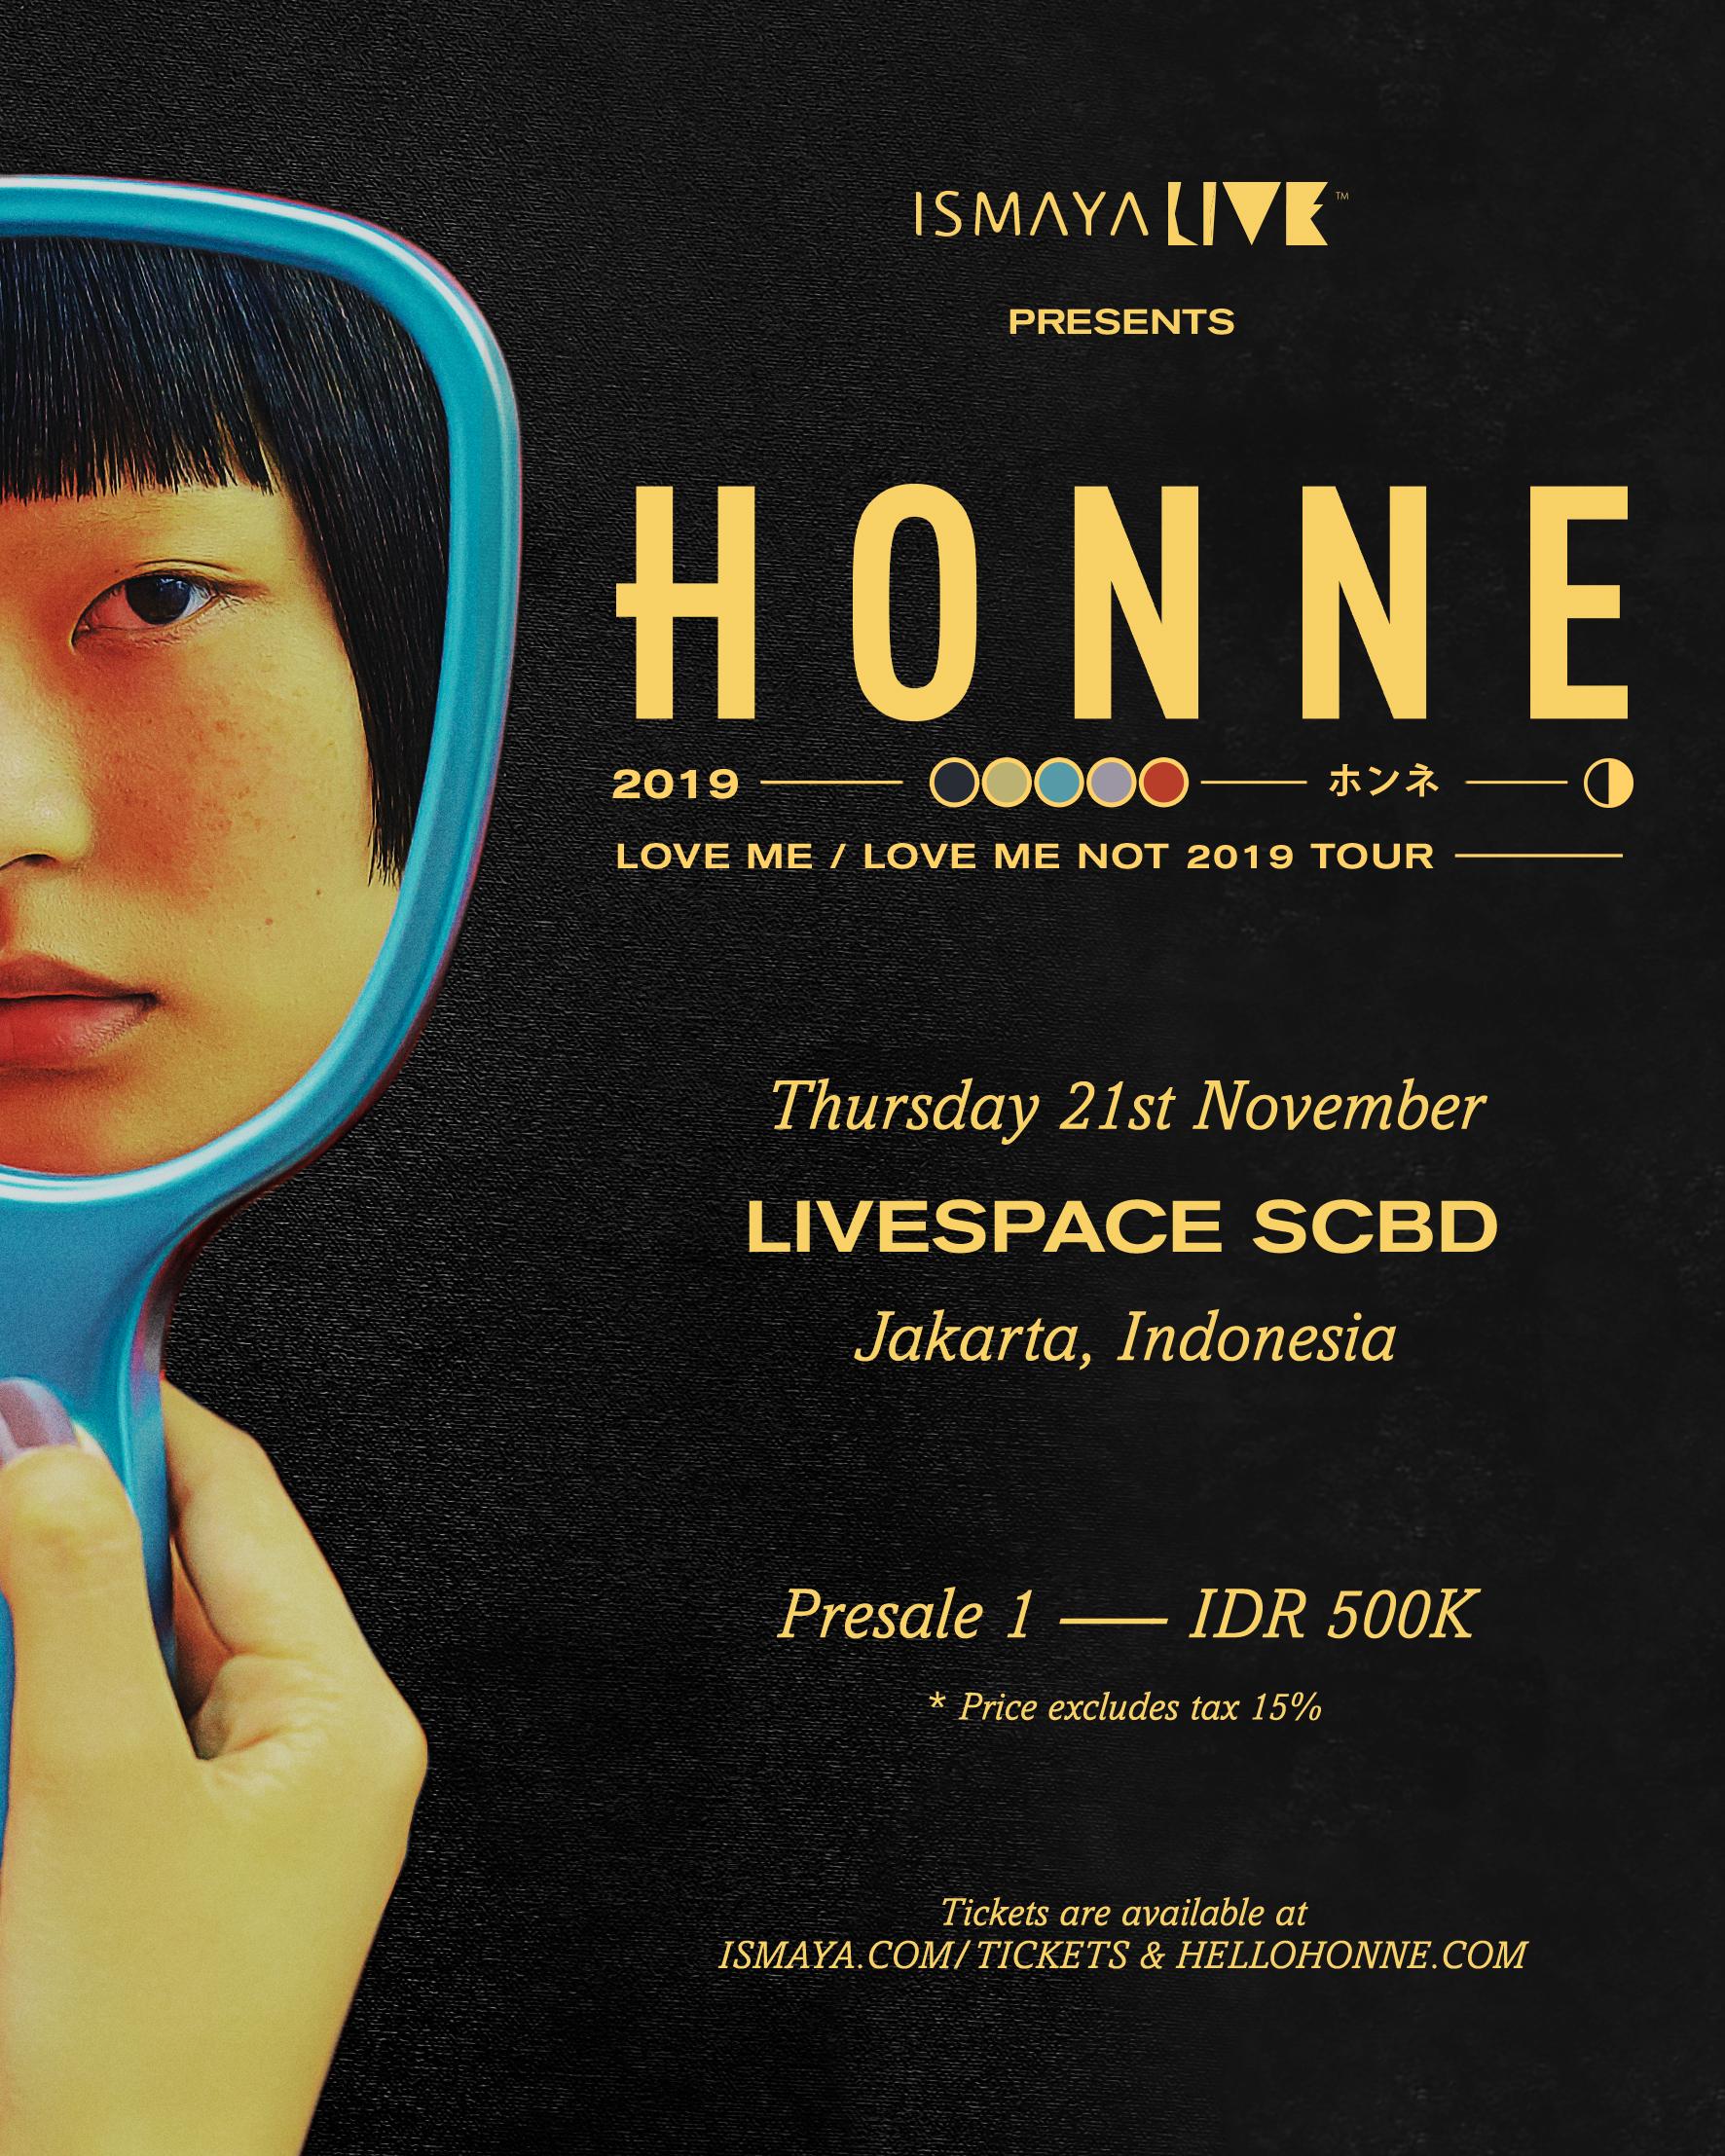 HONNE - Poster.jpg